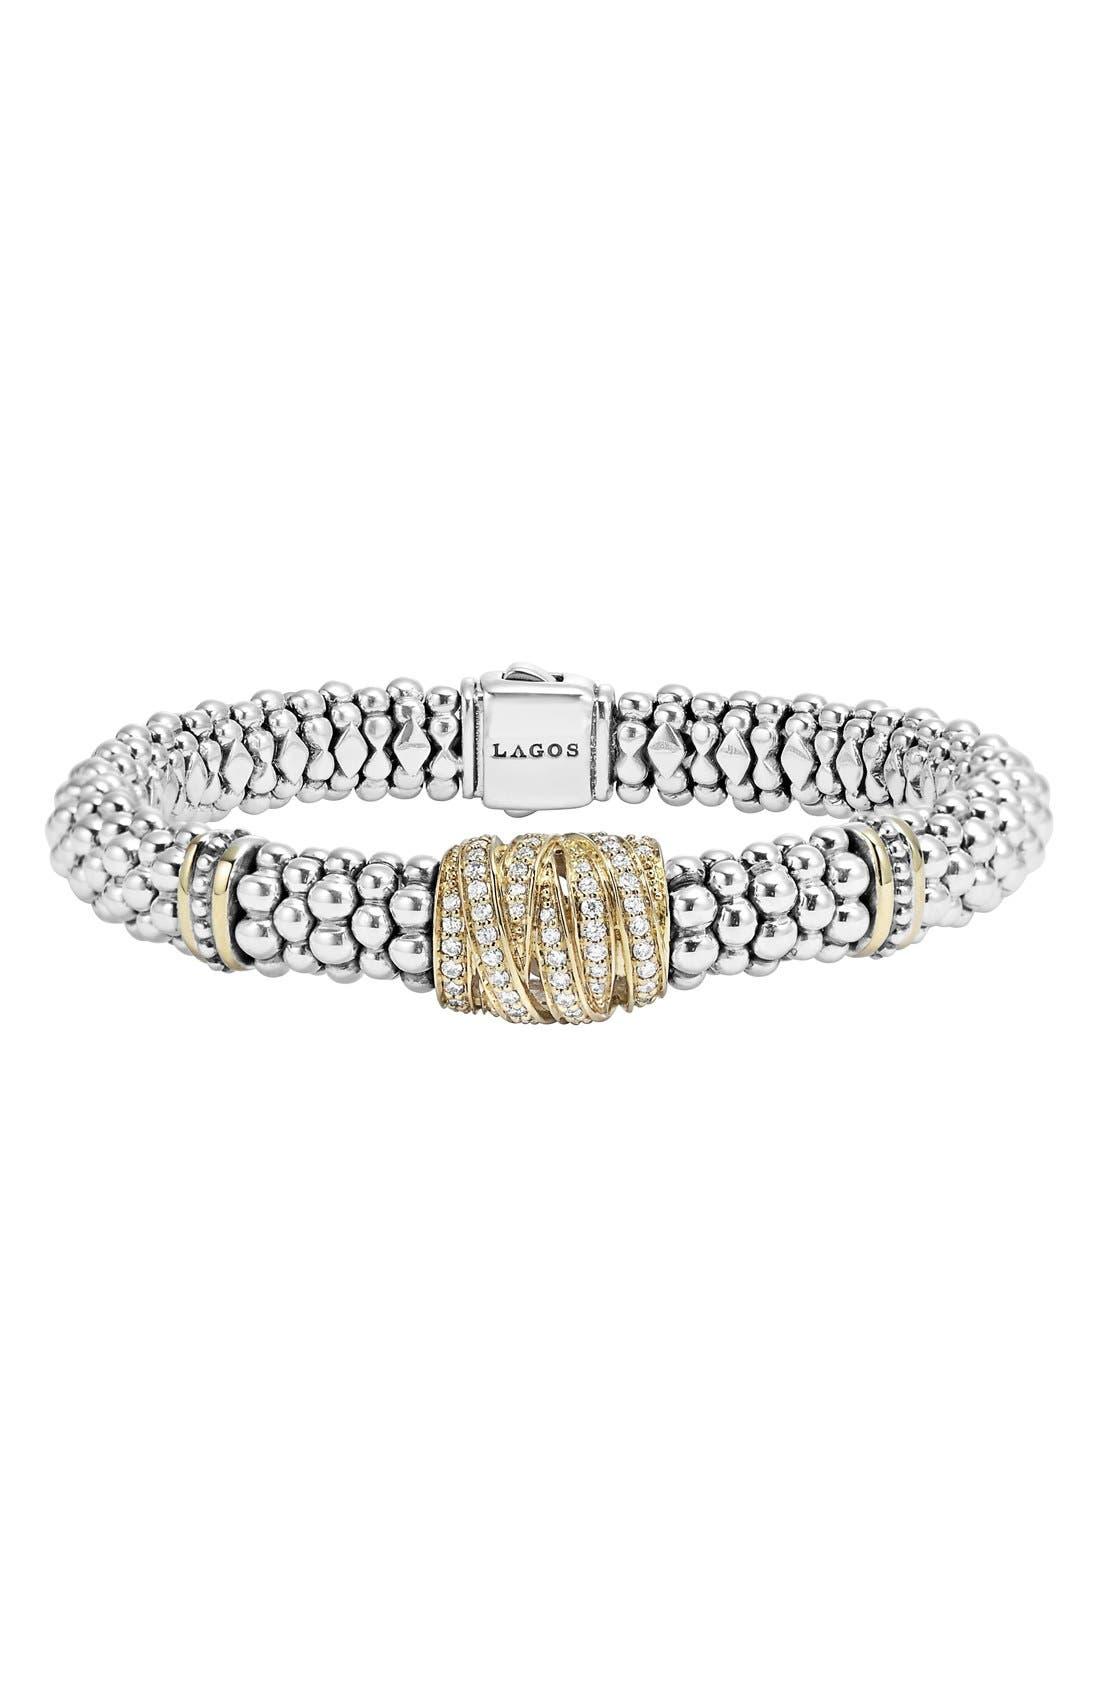 Main Image - LAGOS 'Diamonds & Caviar' Diamond Rope Bracelet